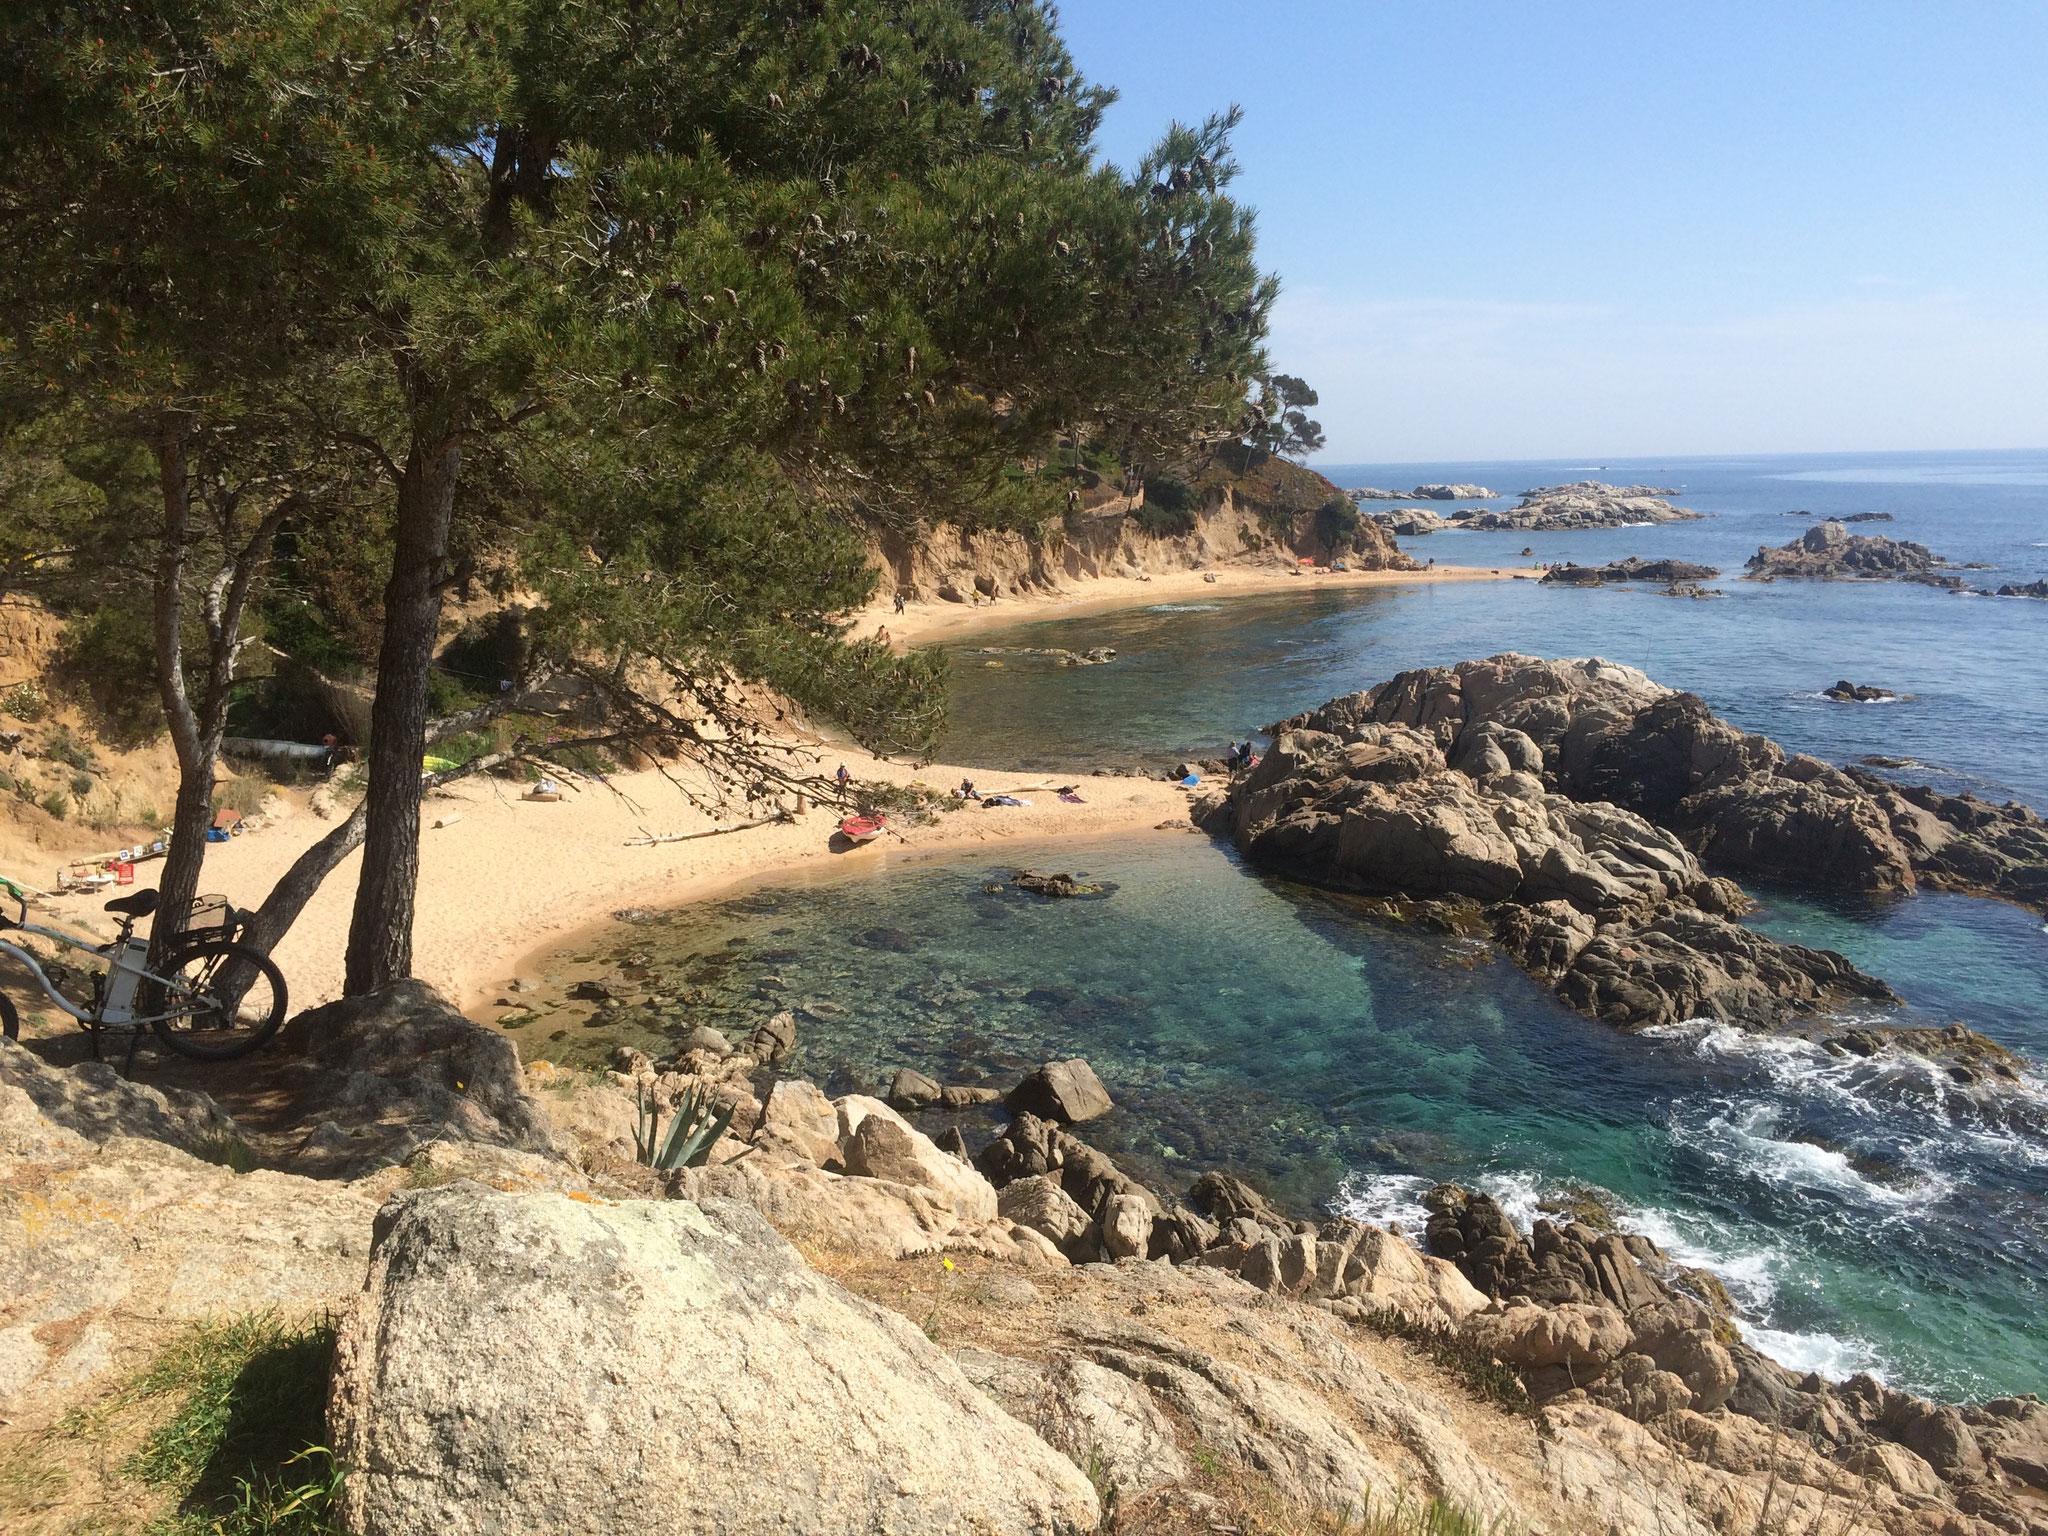 Costa Brava view